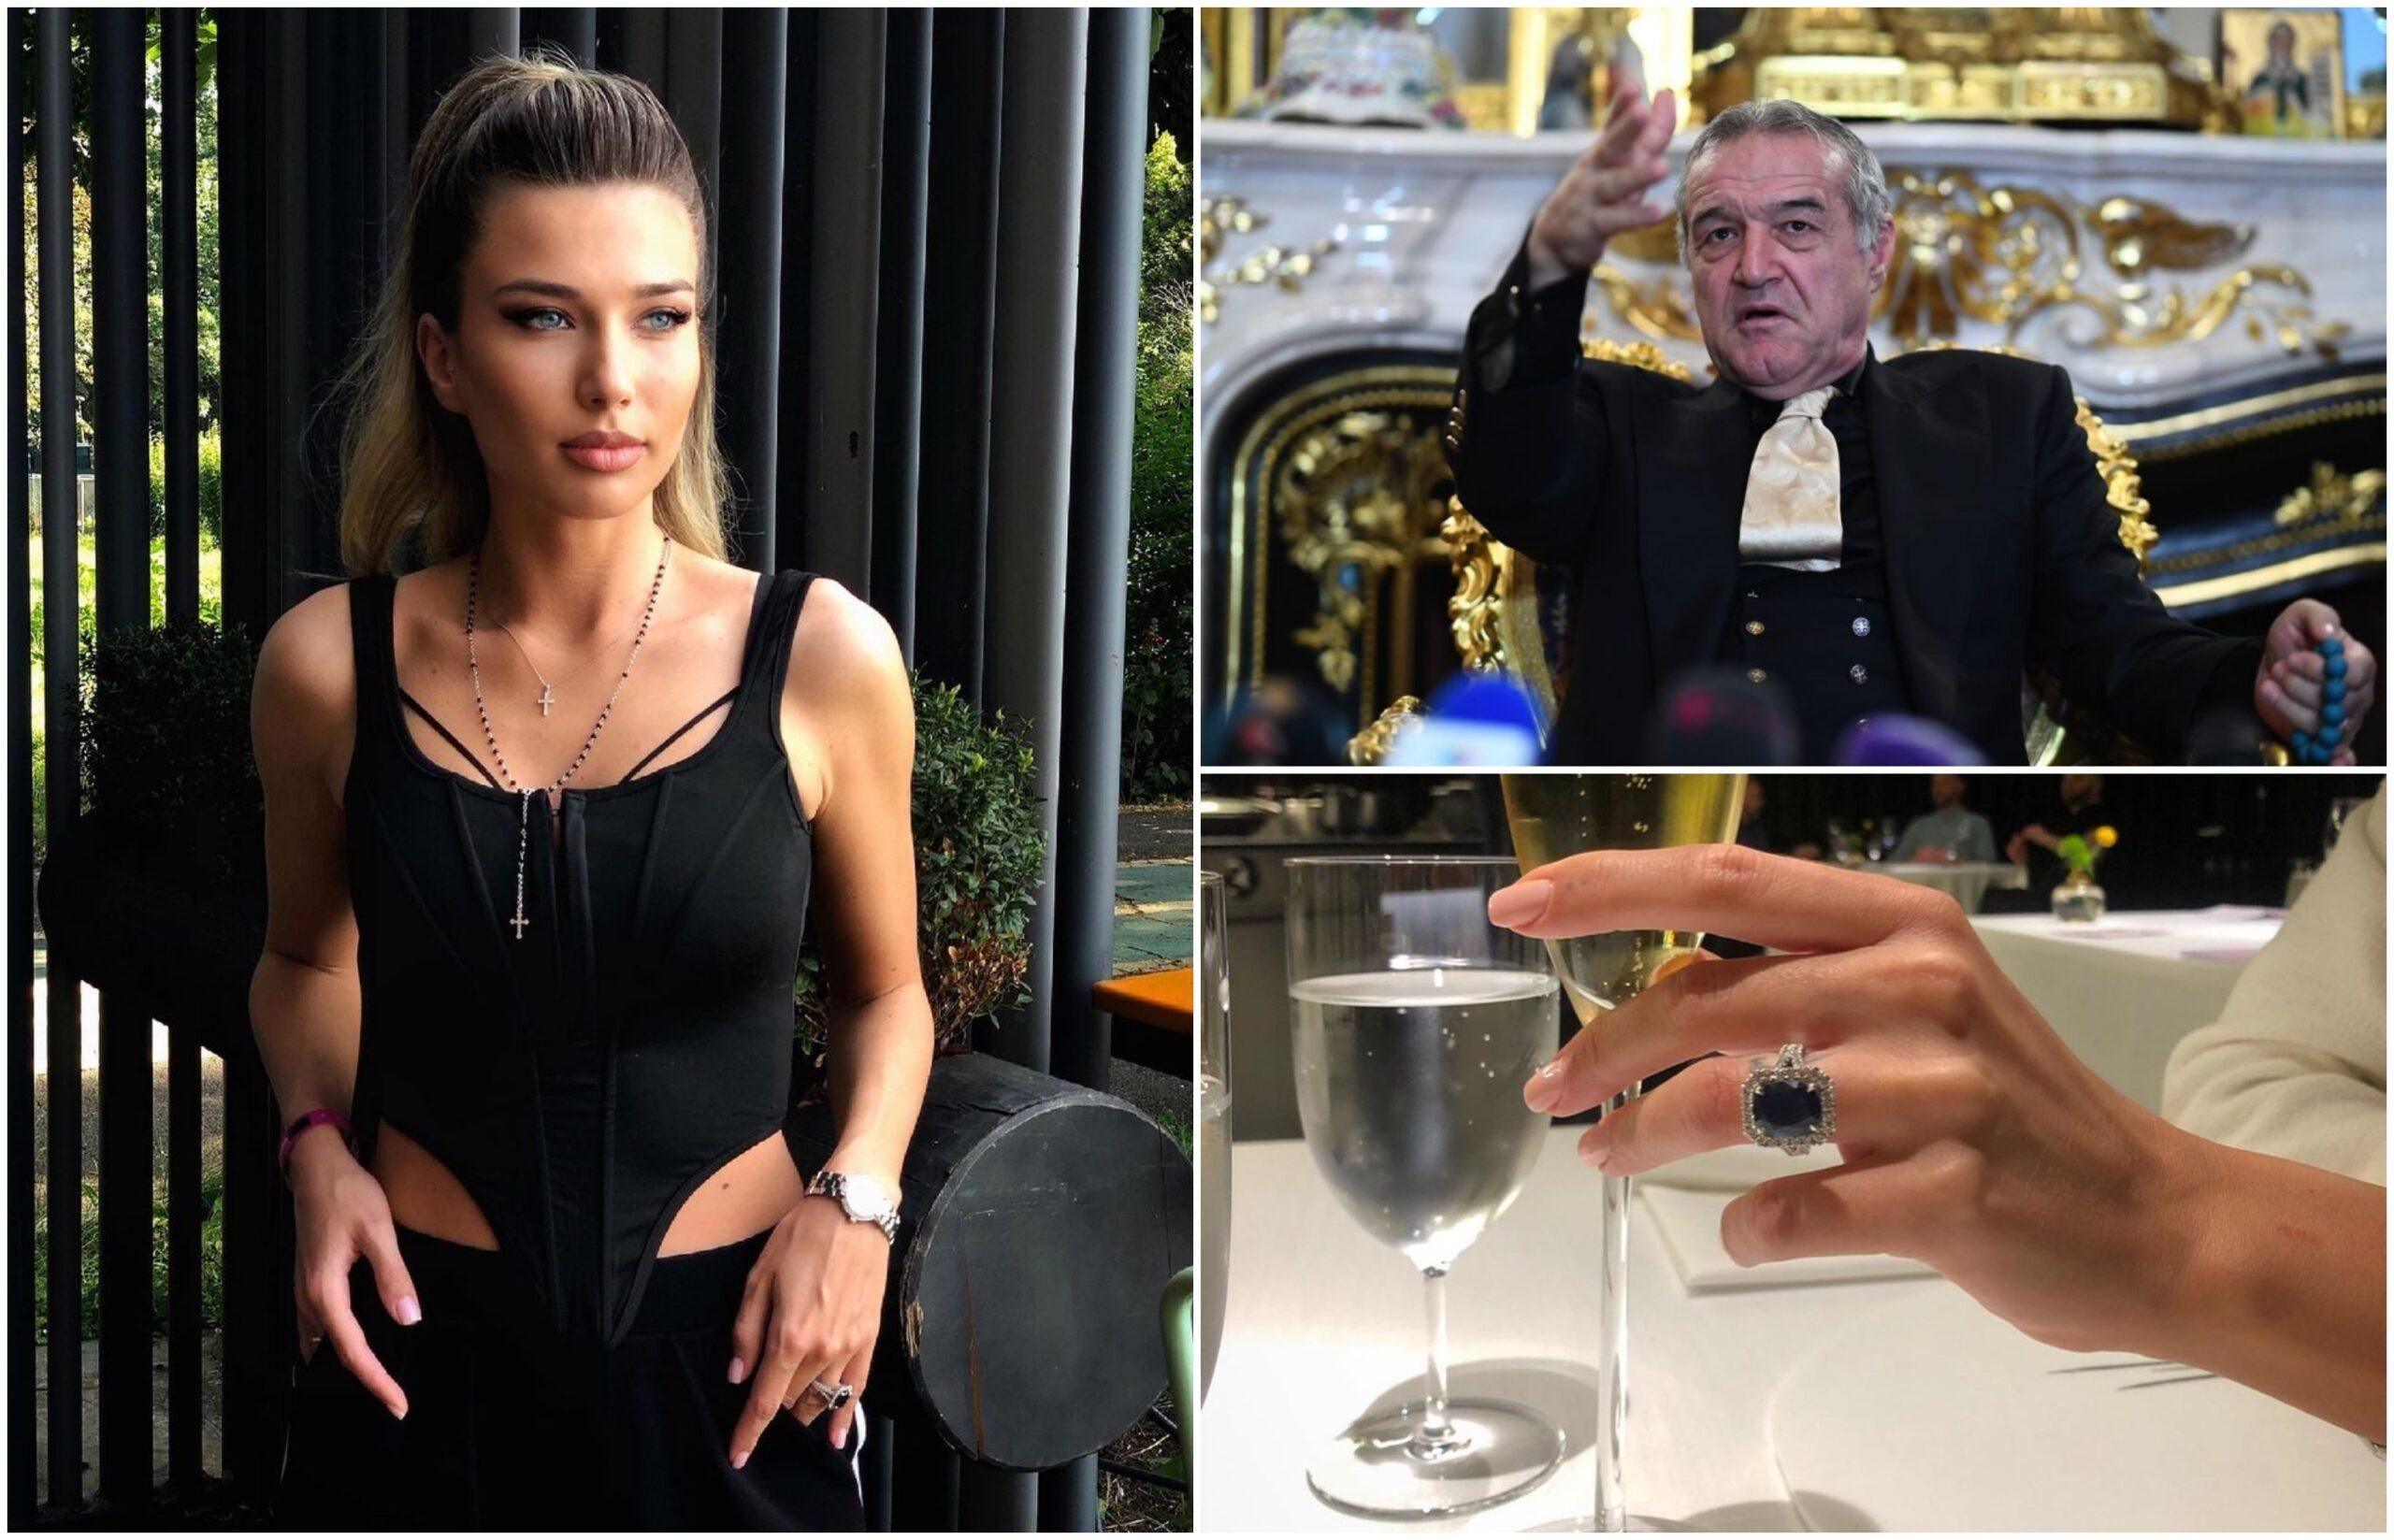 Condiţia lui Gigi Becali ca să îi fie naş Mariei Iordănescu / Instagram şi Profimedia